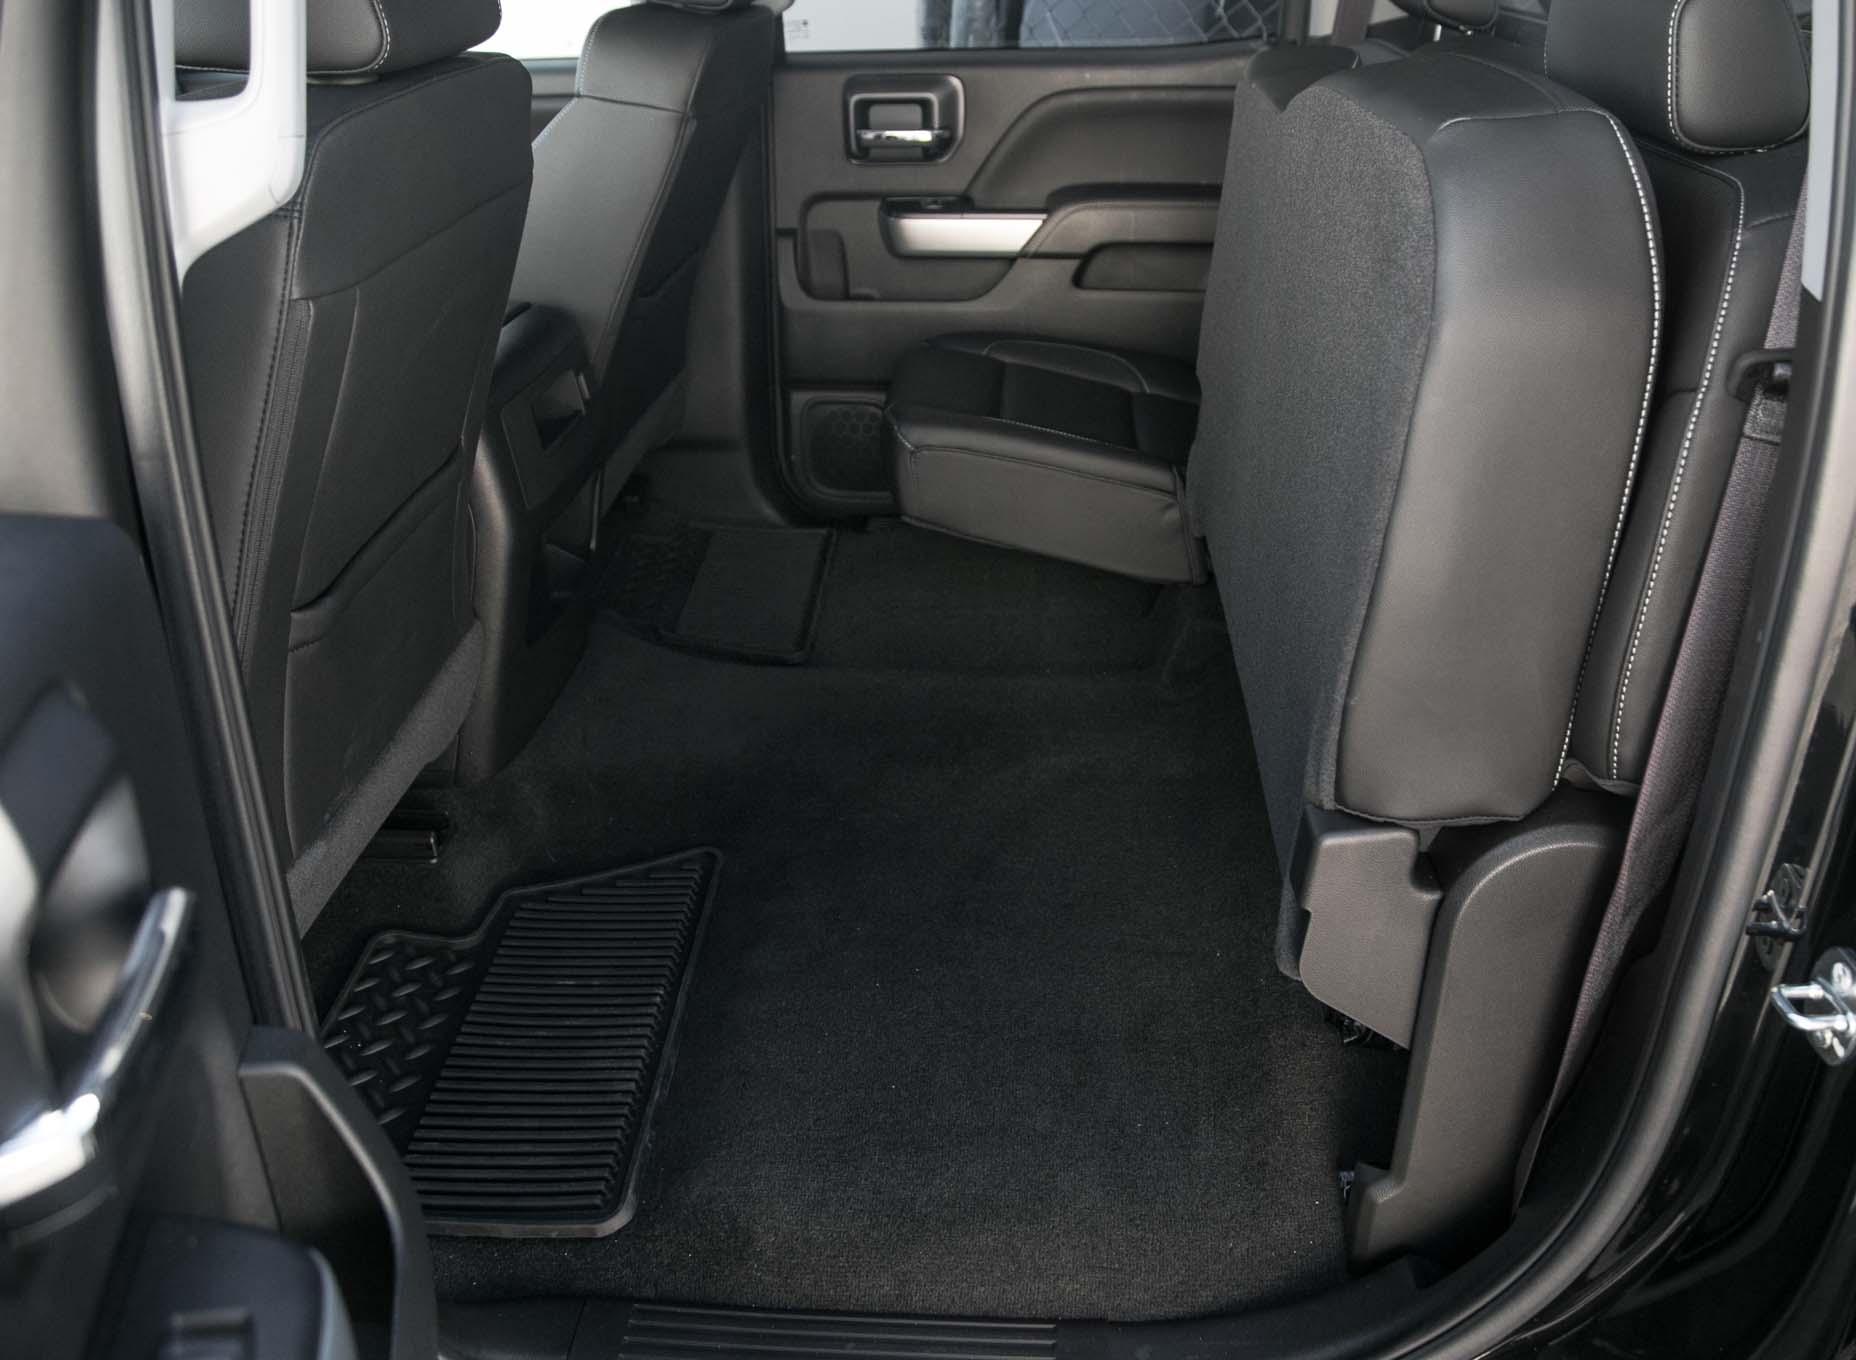 2017 Chevrolet Silverado 2500HD 4WD Z71 LTZ rear interior ...